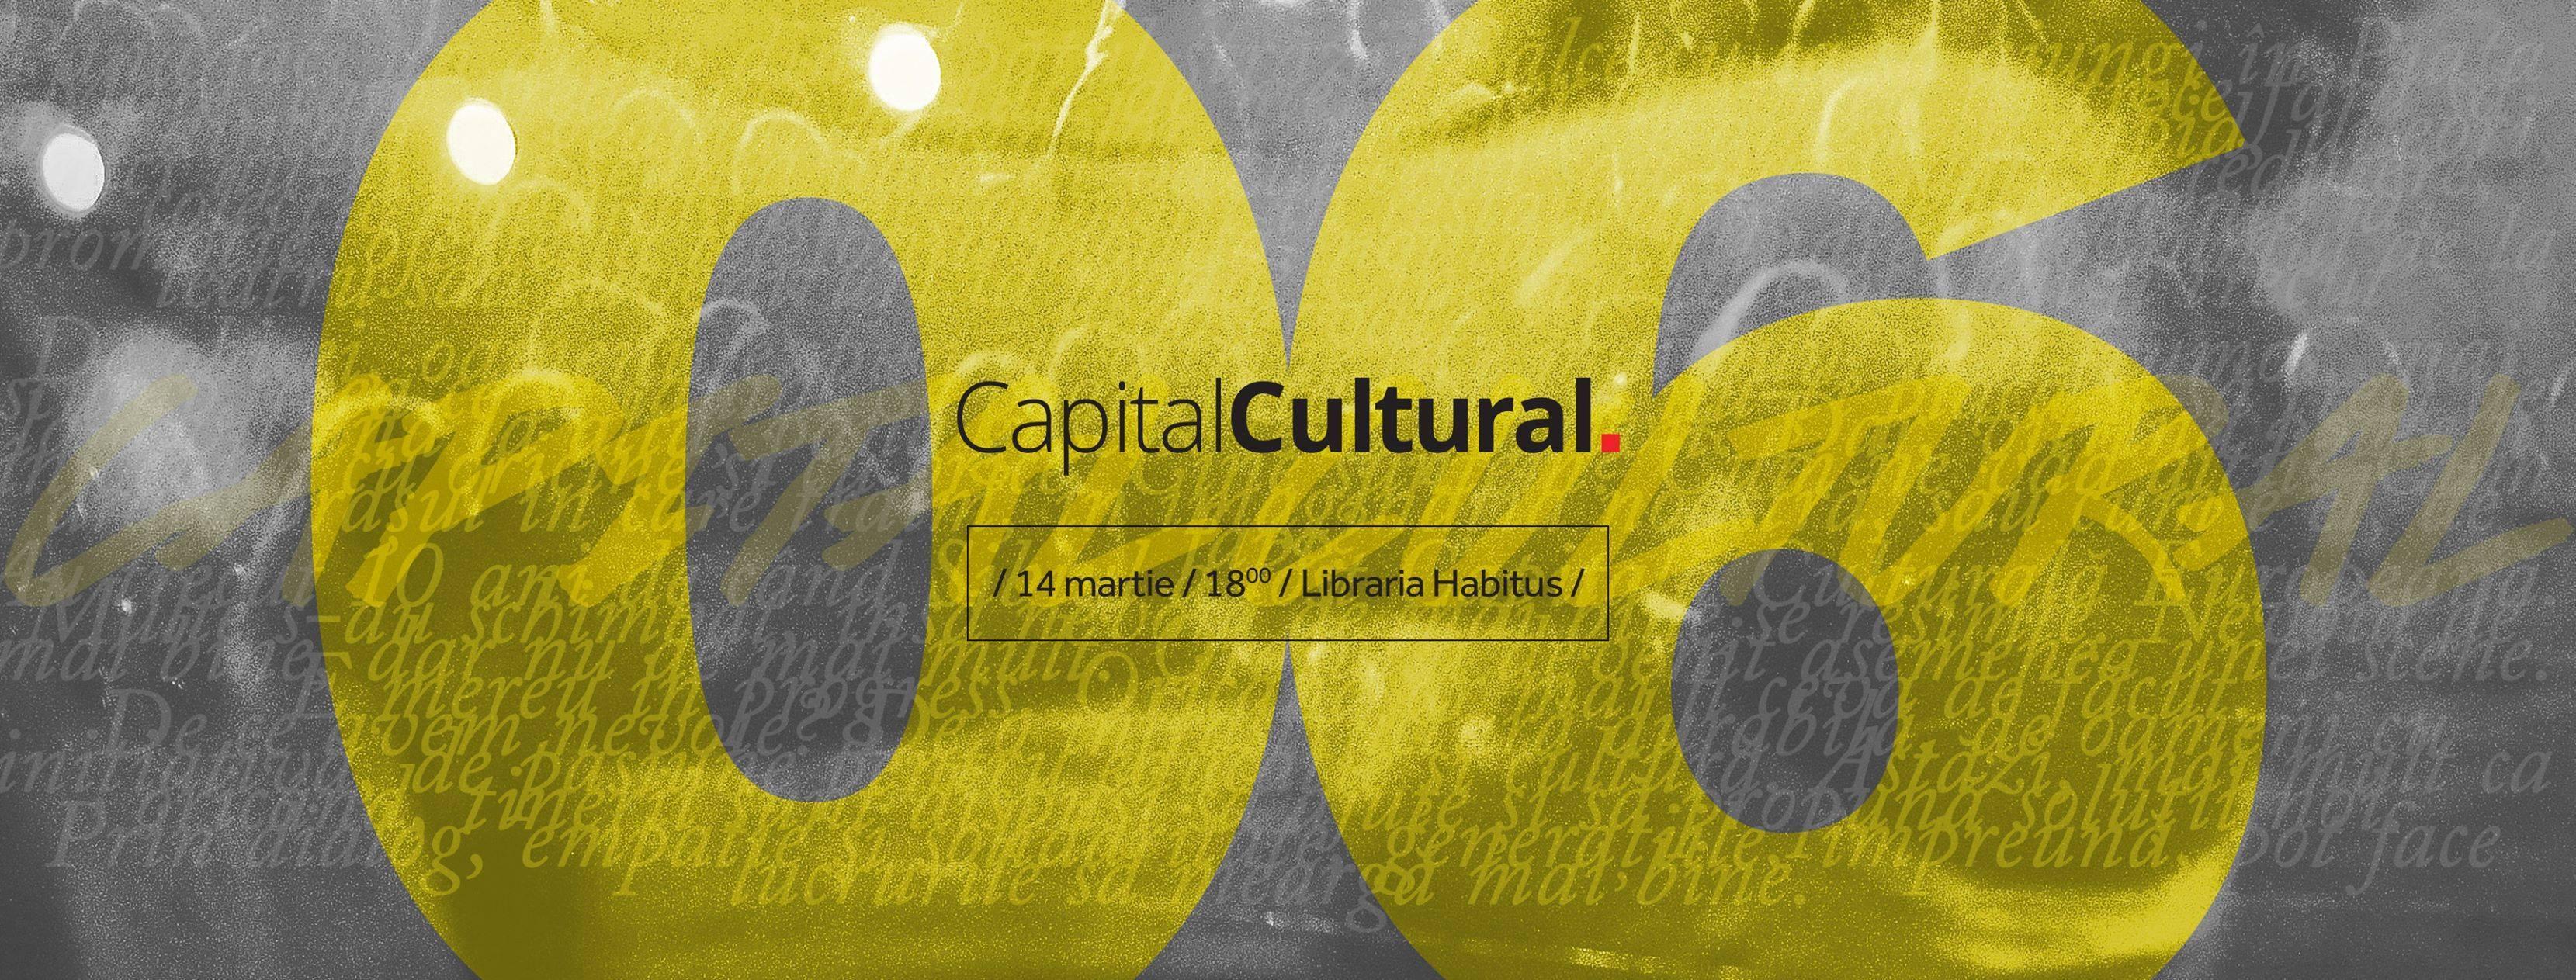 Capital Cultural #6 și-un concert de muzică acustică